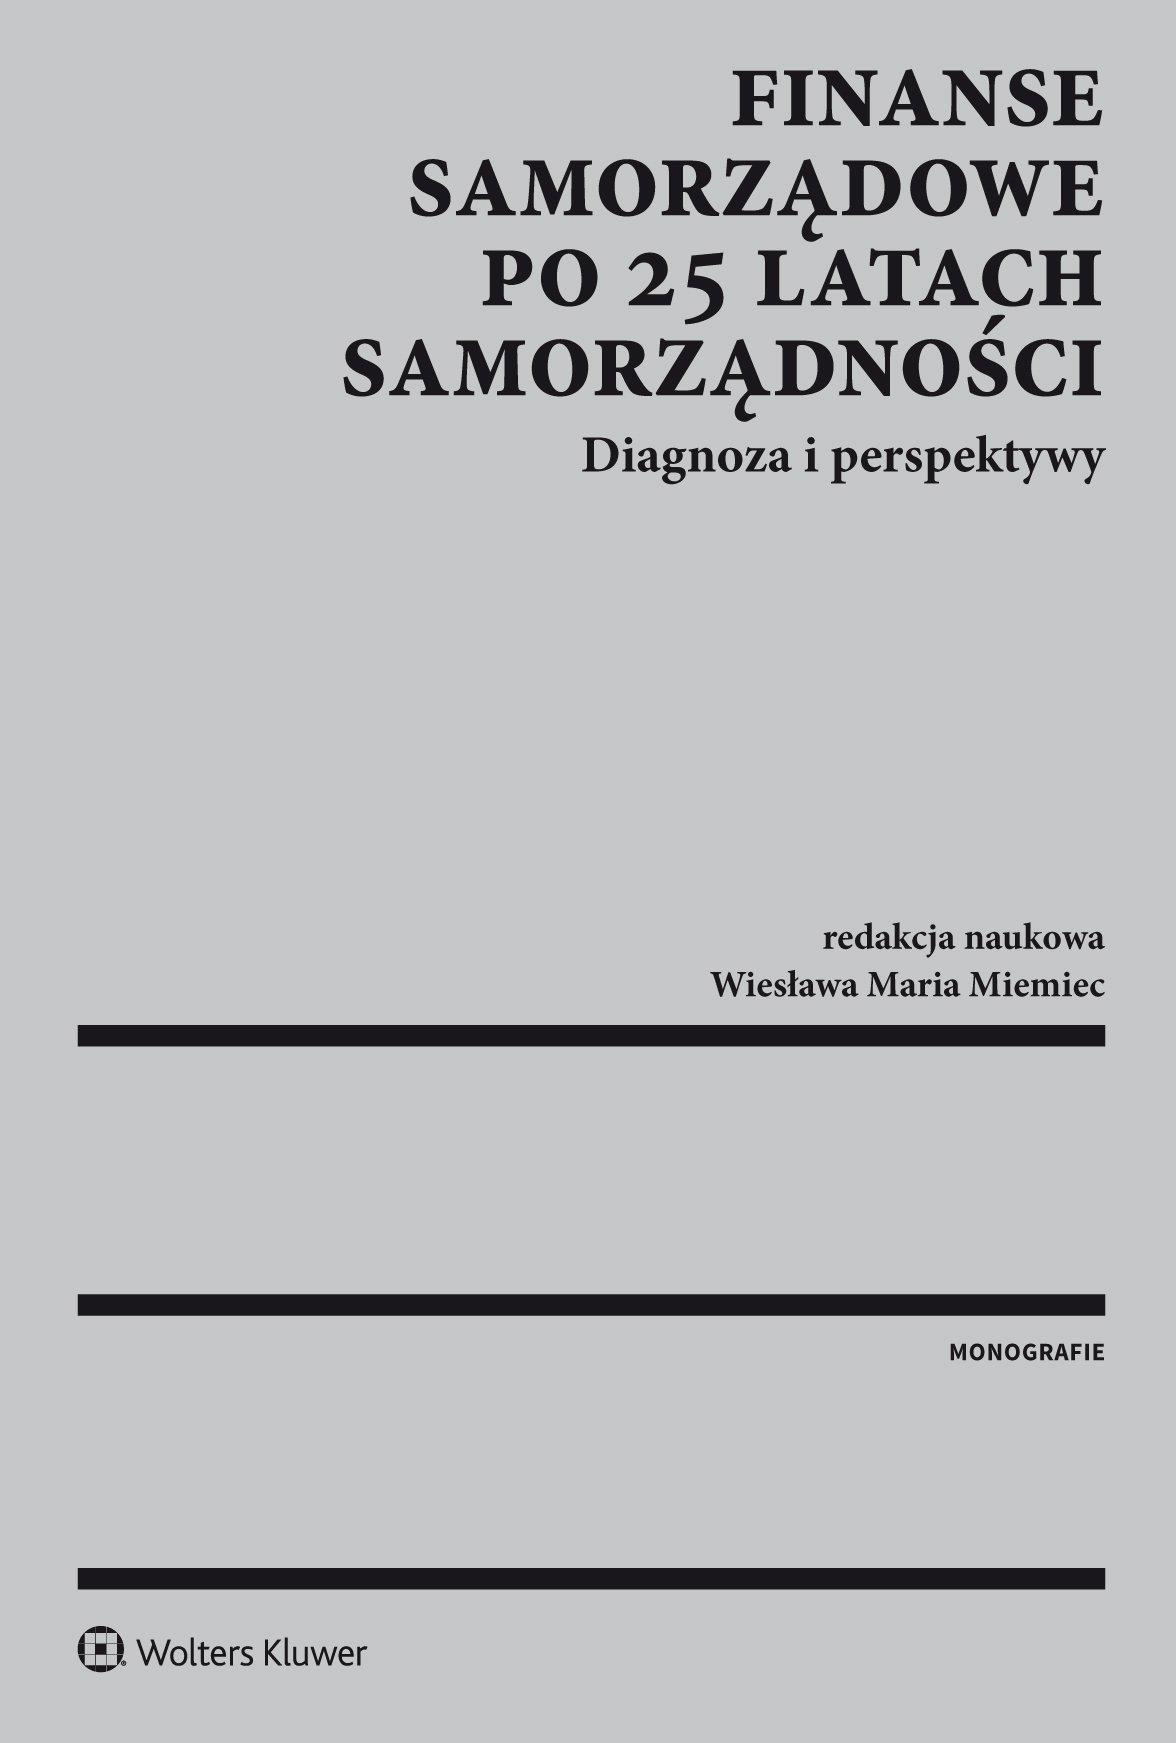 Finanse samorządowe po 25 latach samorządności. Diagnoza i perspektywy - Ebook (Książka PDF) do pobrania w formacie PDF